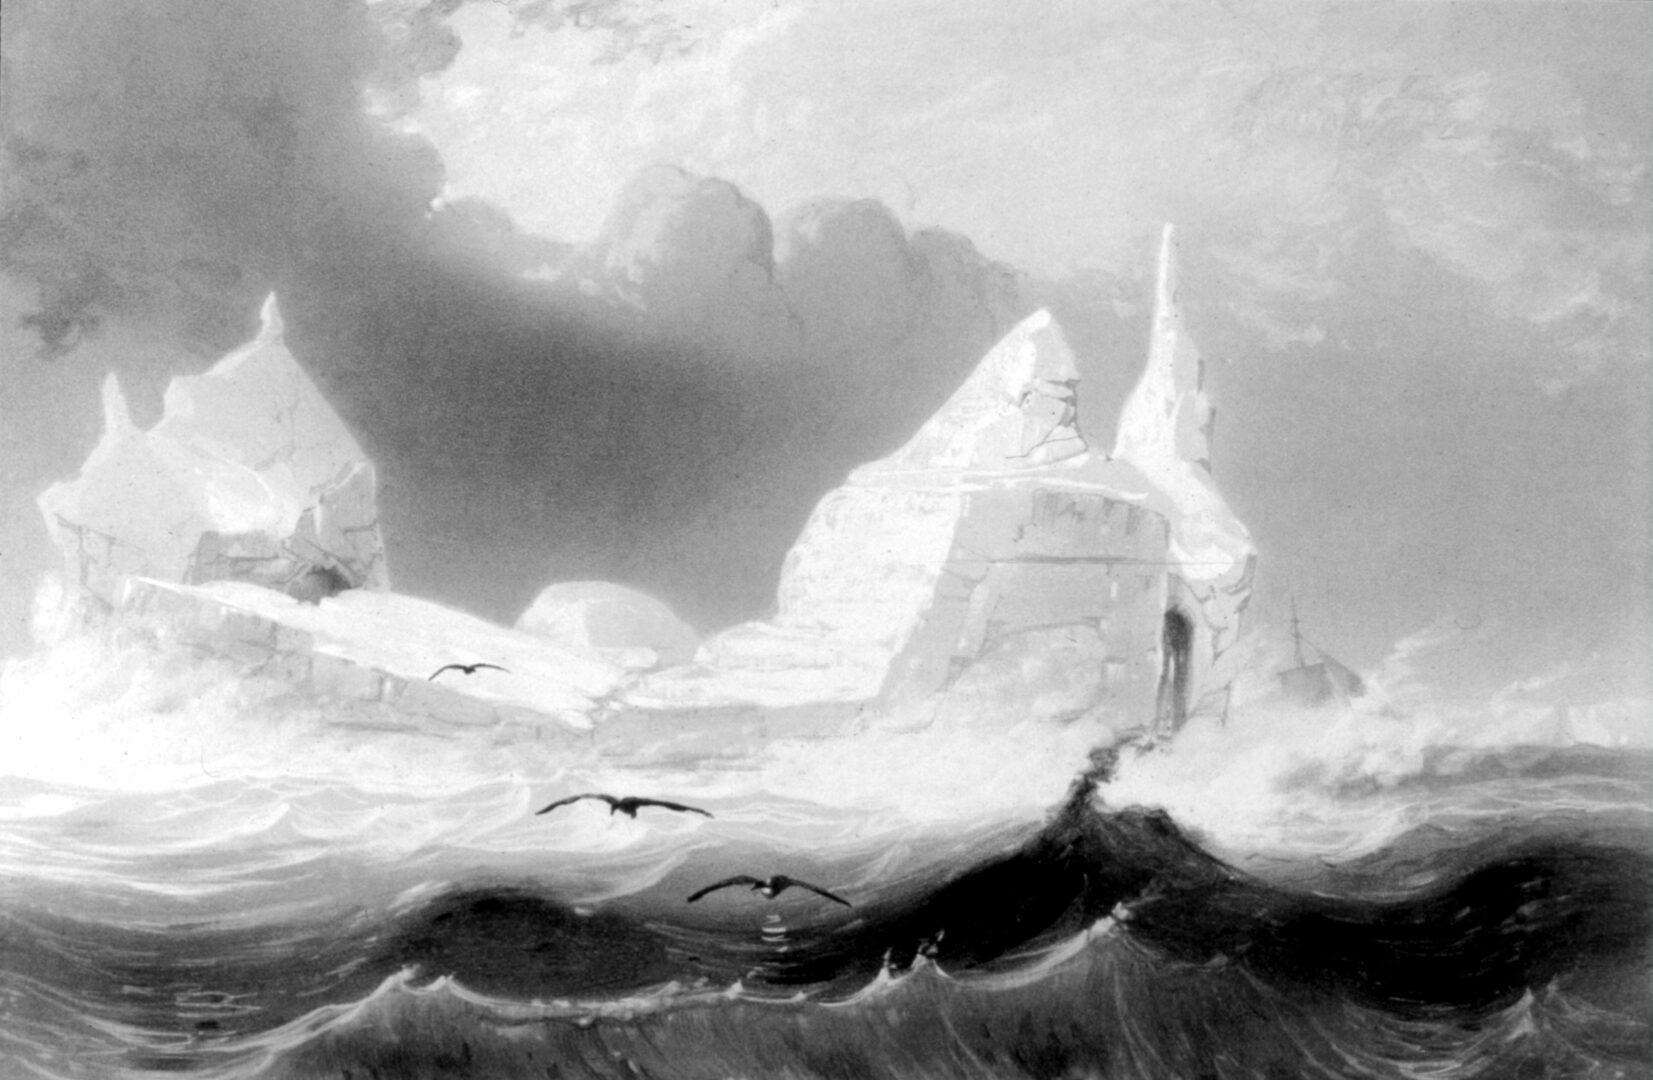 Fåglar och mörka, höga vågor. Moln och isberg i bakgrunden.